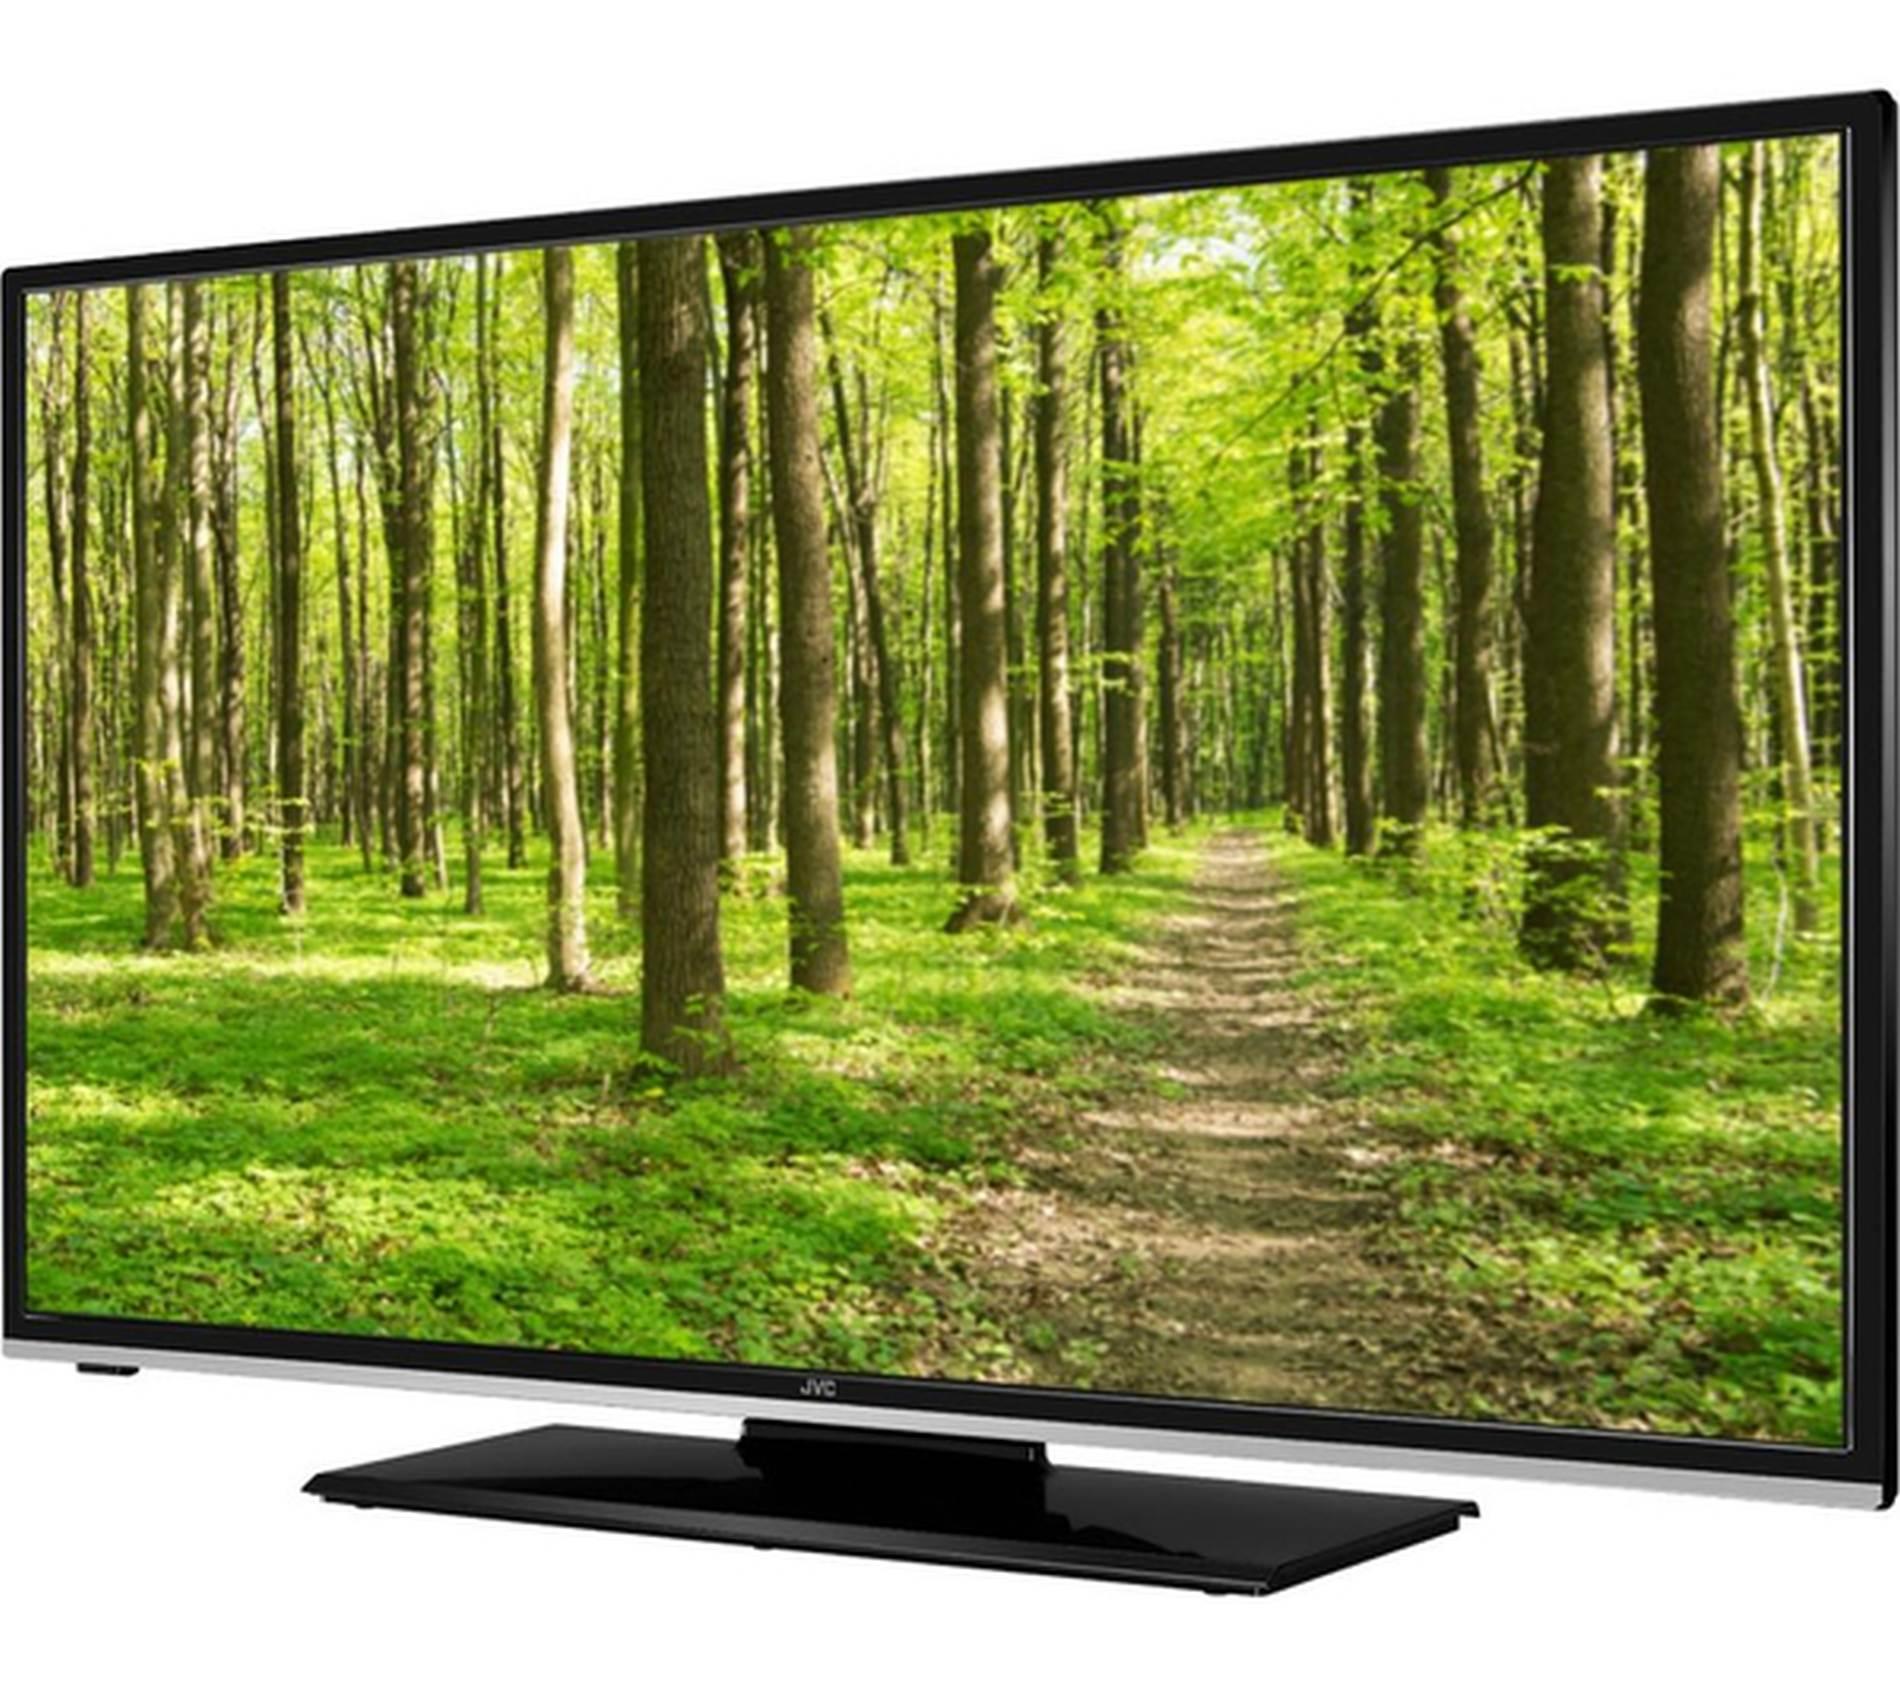 40 JVC LT40C750 Full HD 1080p Digital Freeview Smart LED TV